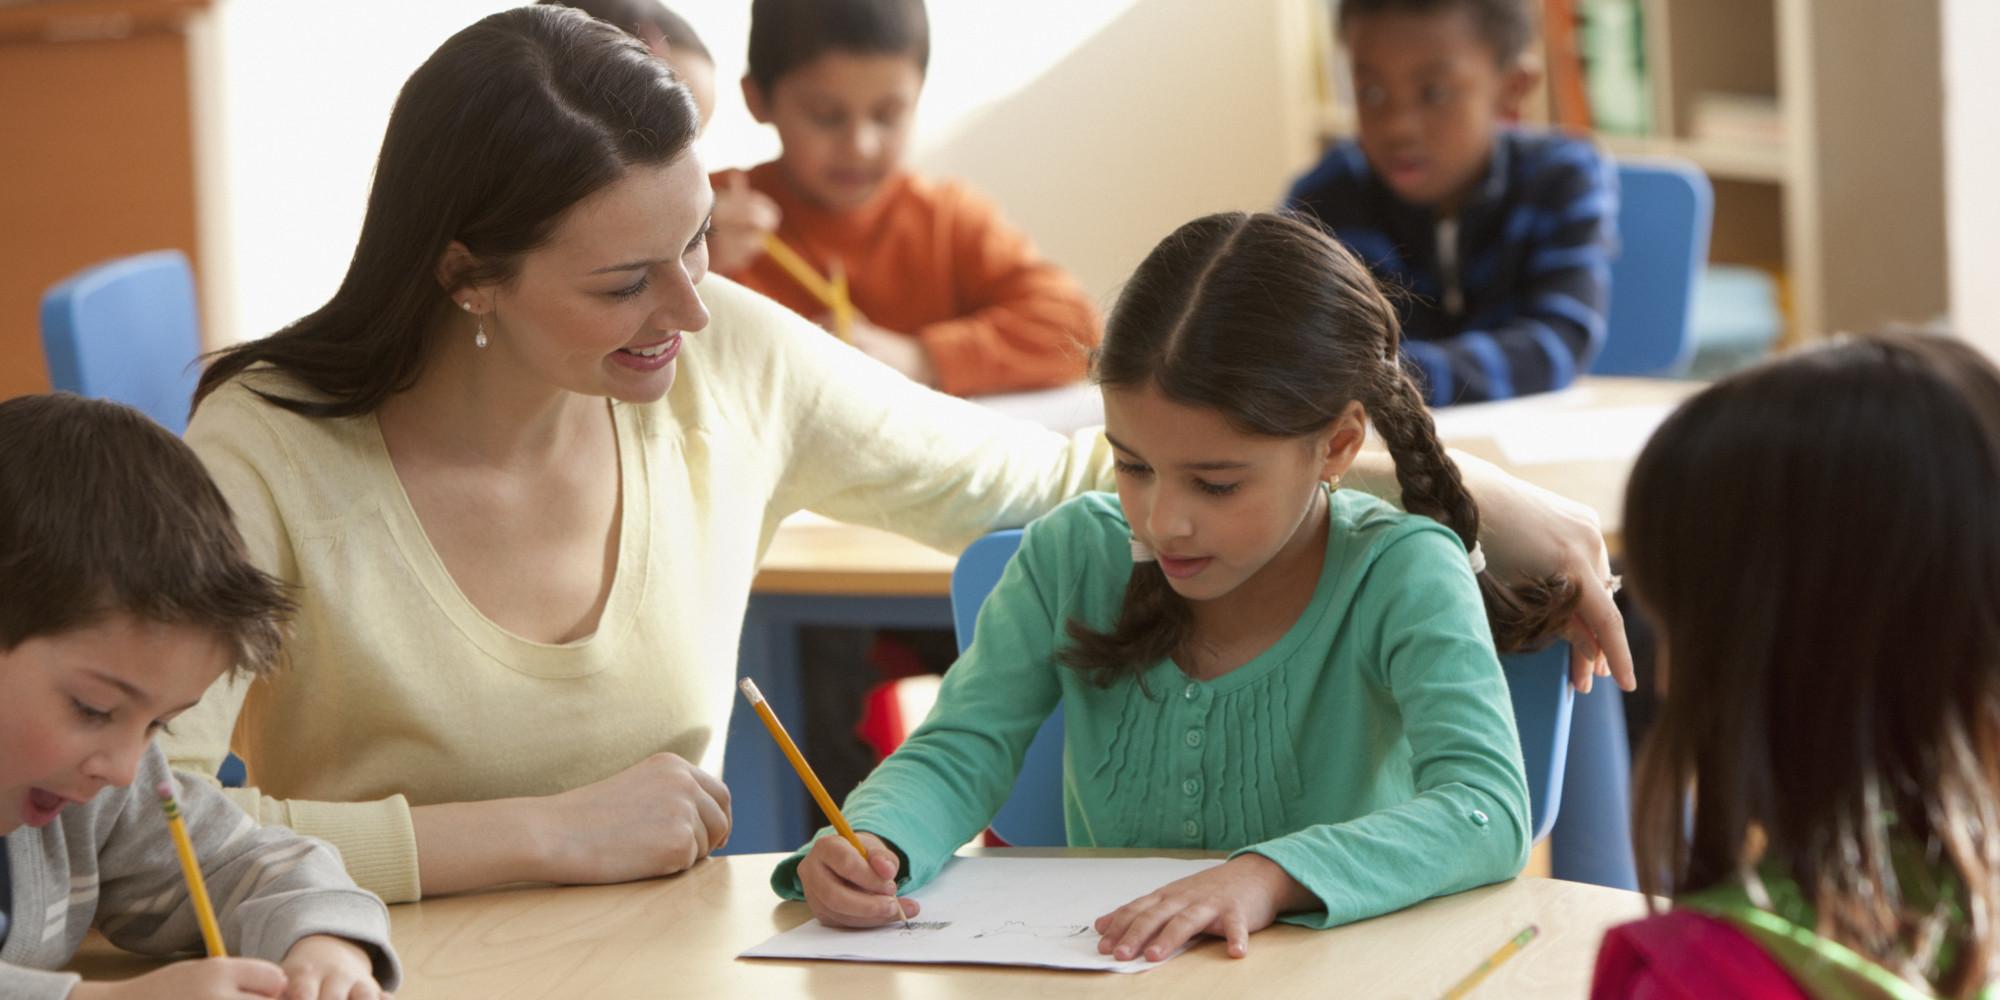 Αποτέλεσμα εικόνας για classical paintings with pretty woman teacher in classroom